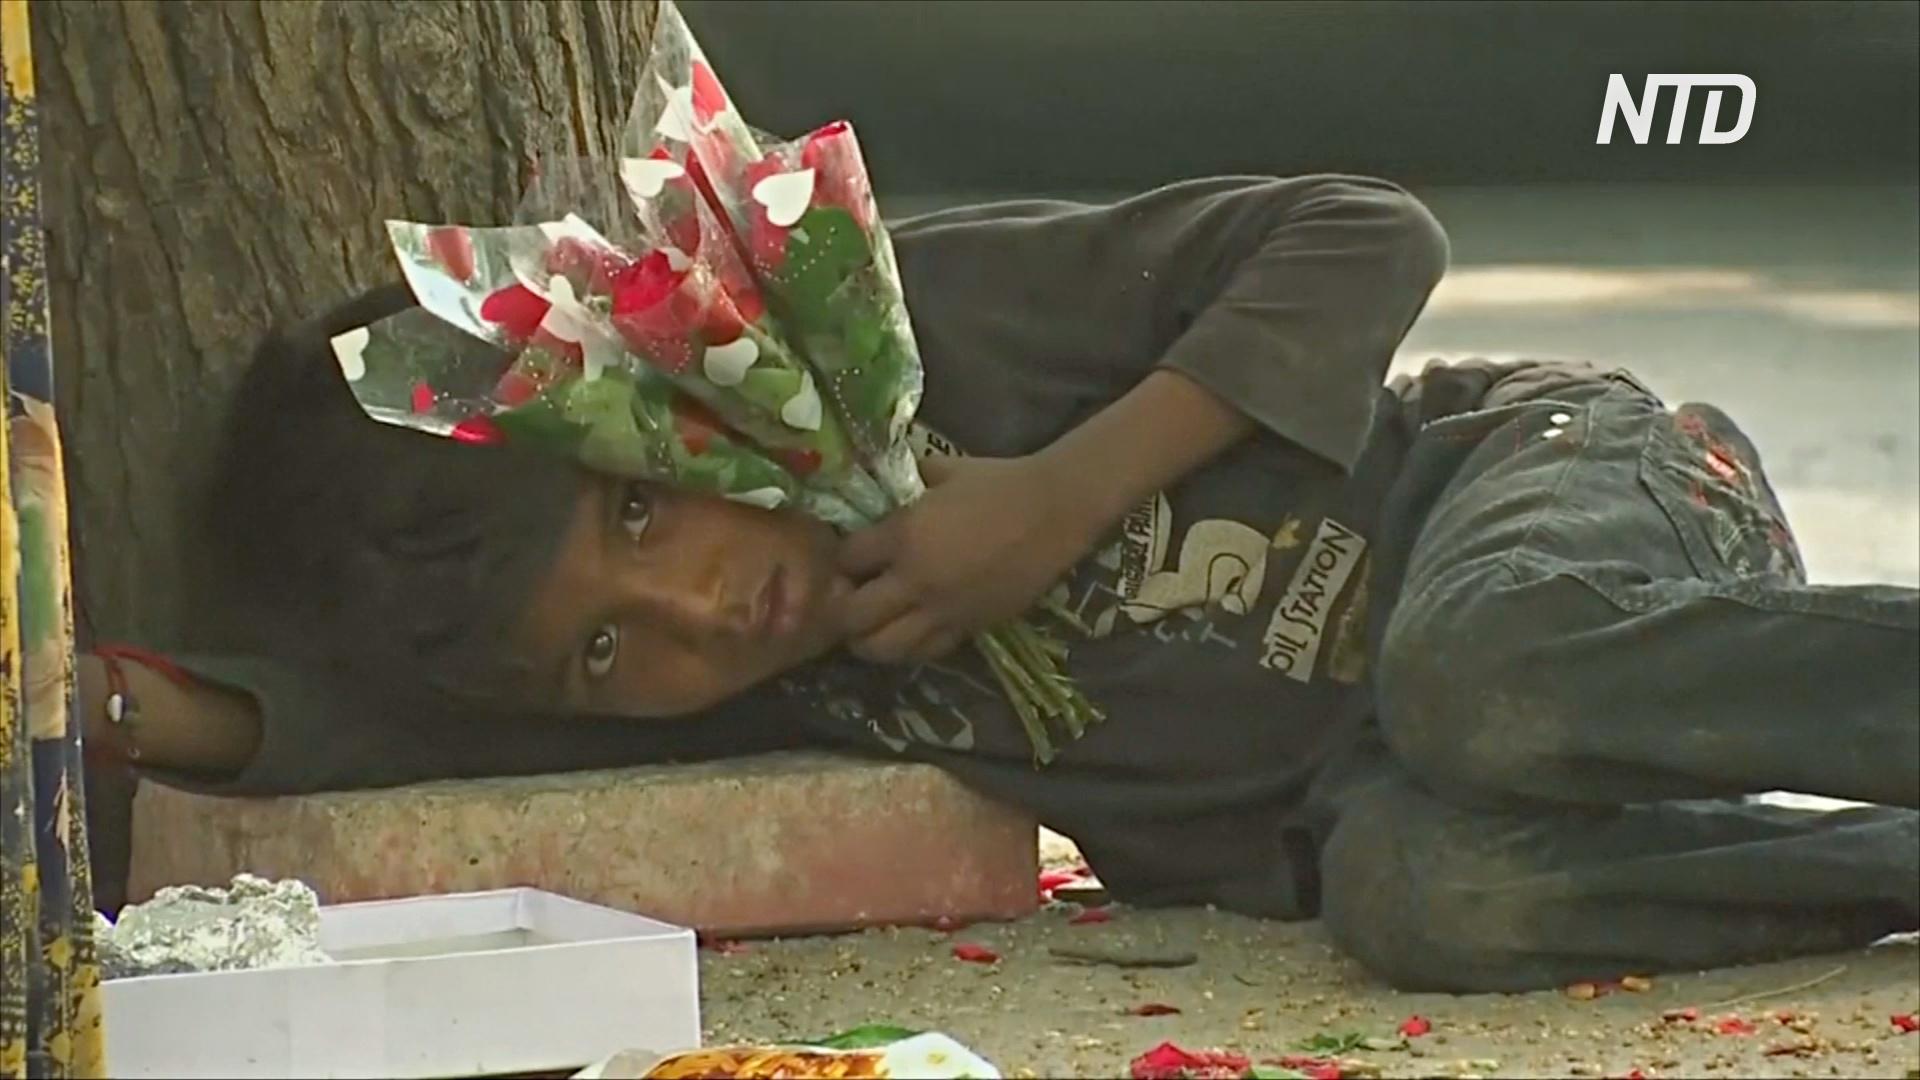 ЮНИСЕФ: Индии нужно искоренить использование детского труда